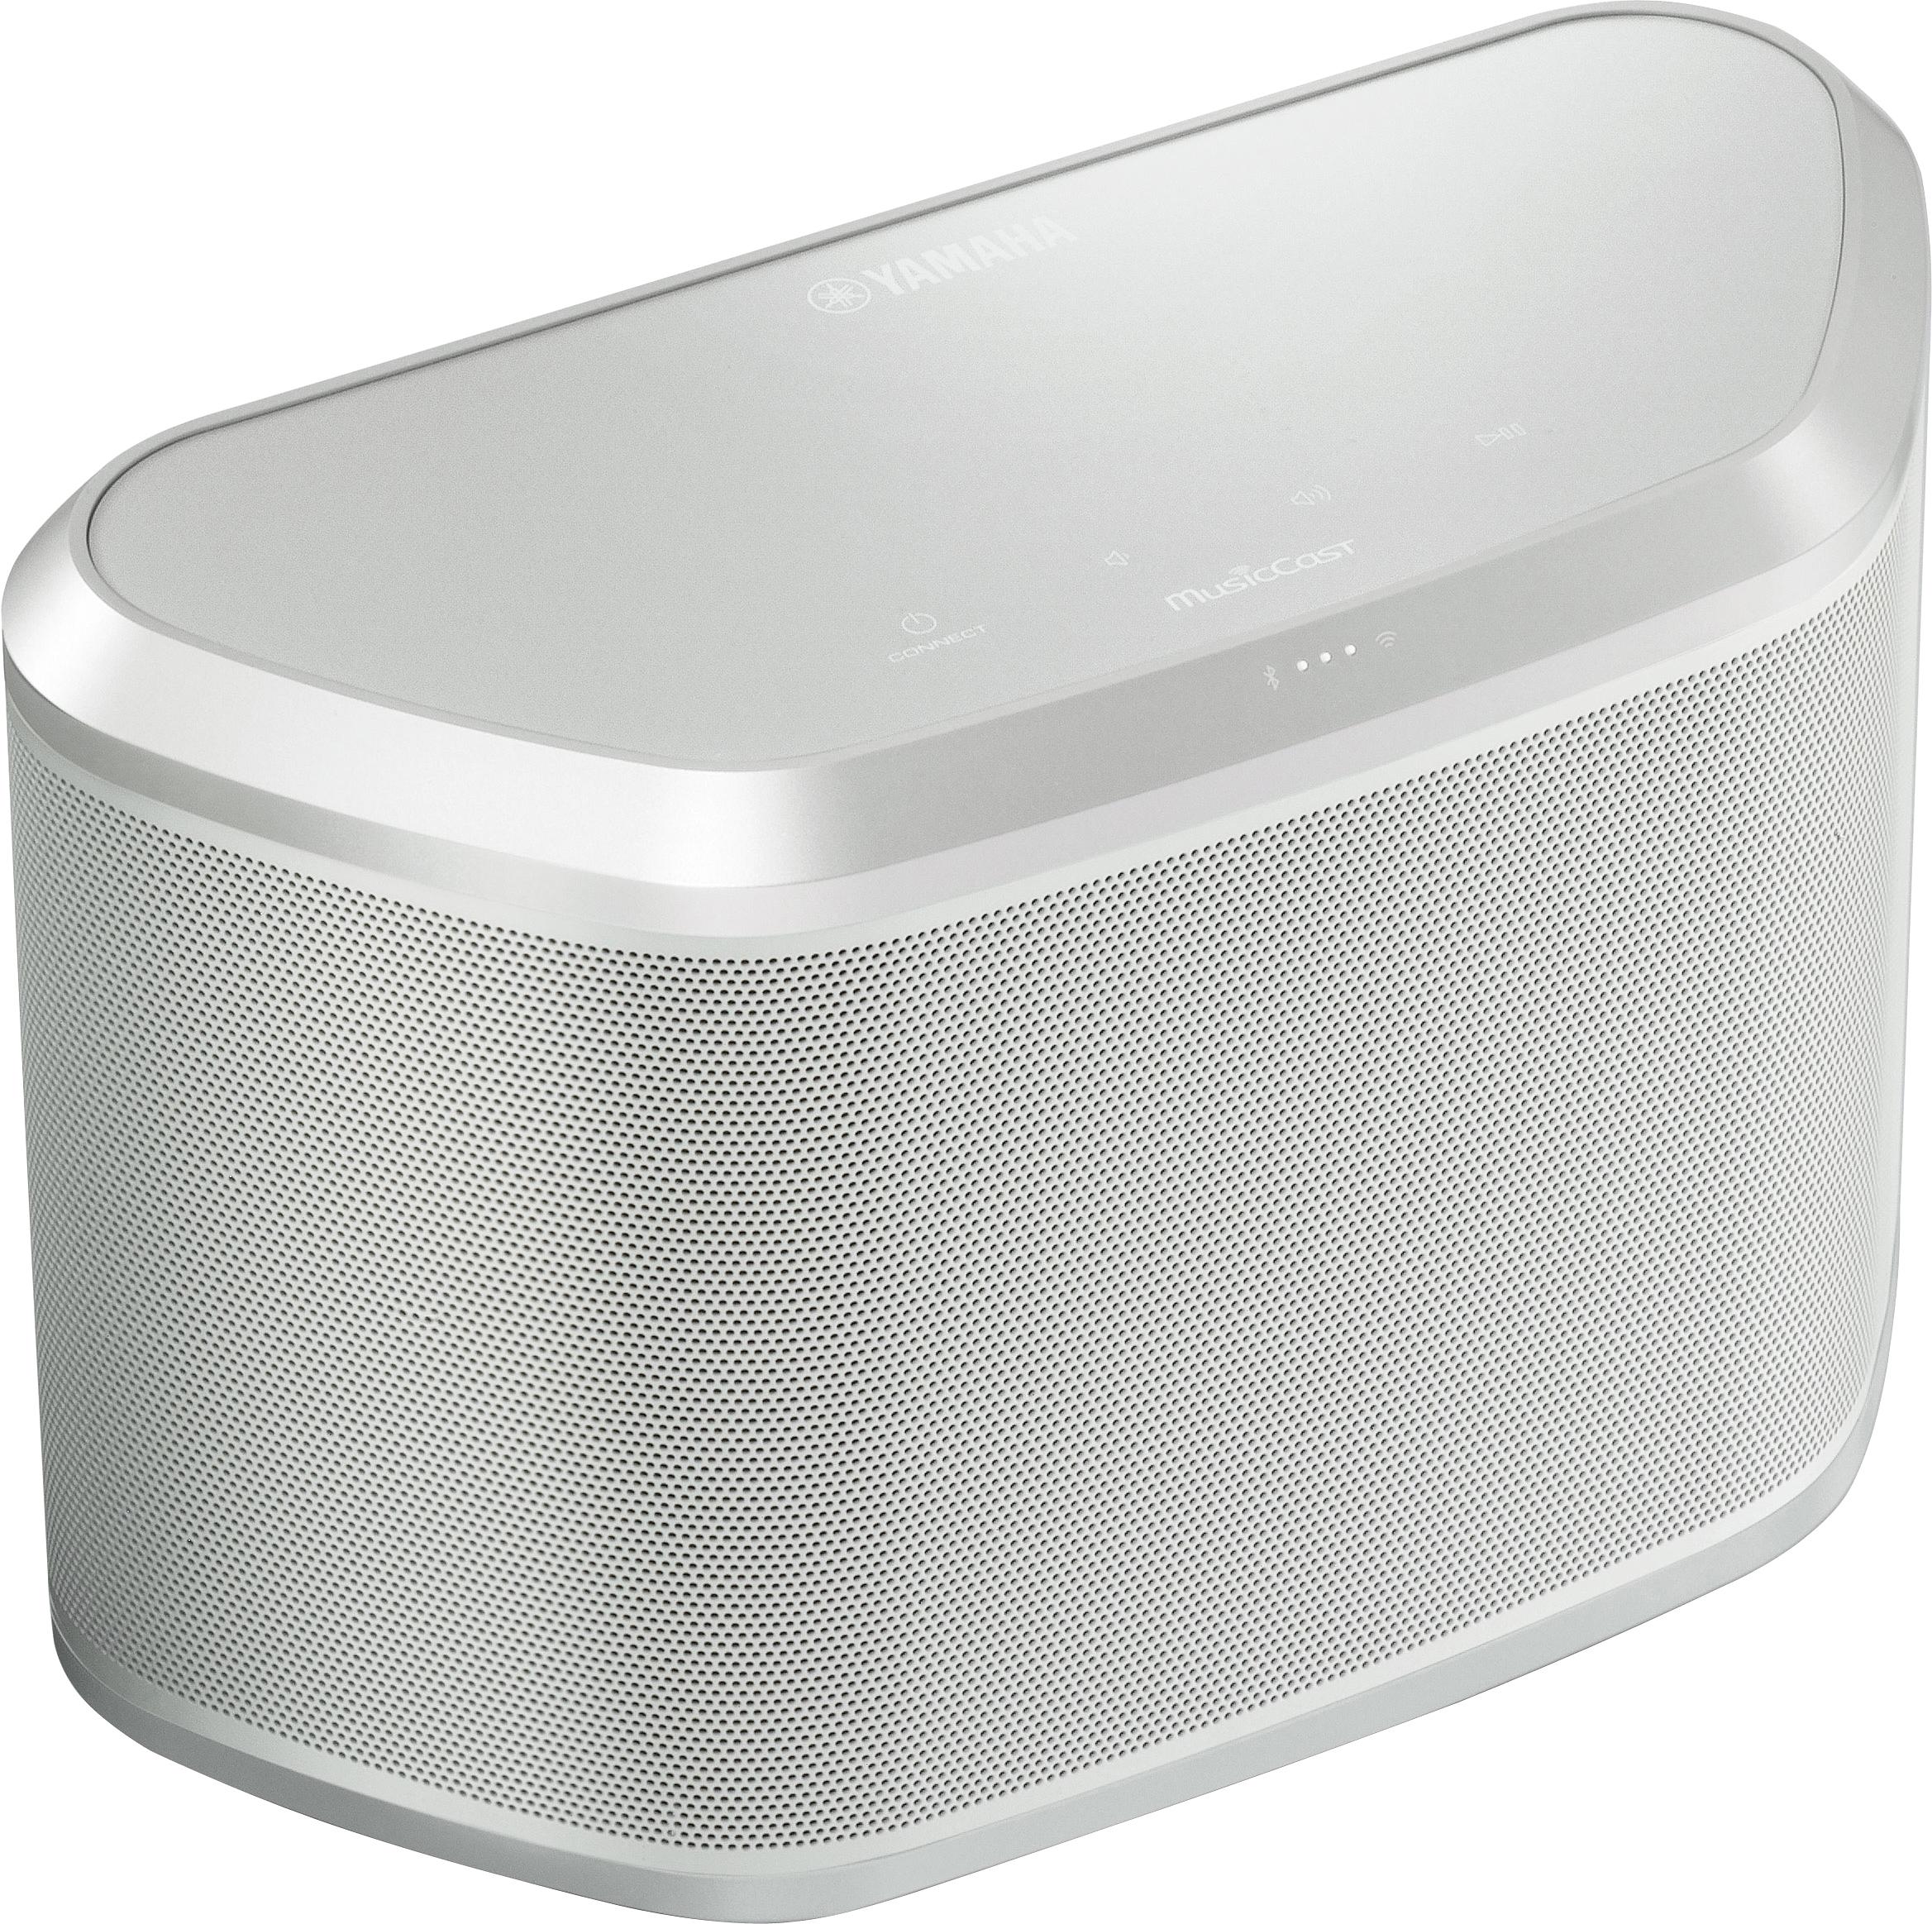 Yamaha WX-030 Bluetooth-luidspreker (wifi) in de webshop van OTTO kopen